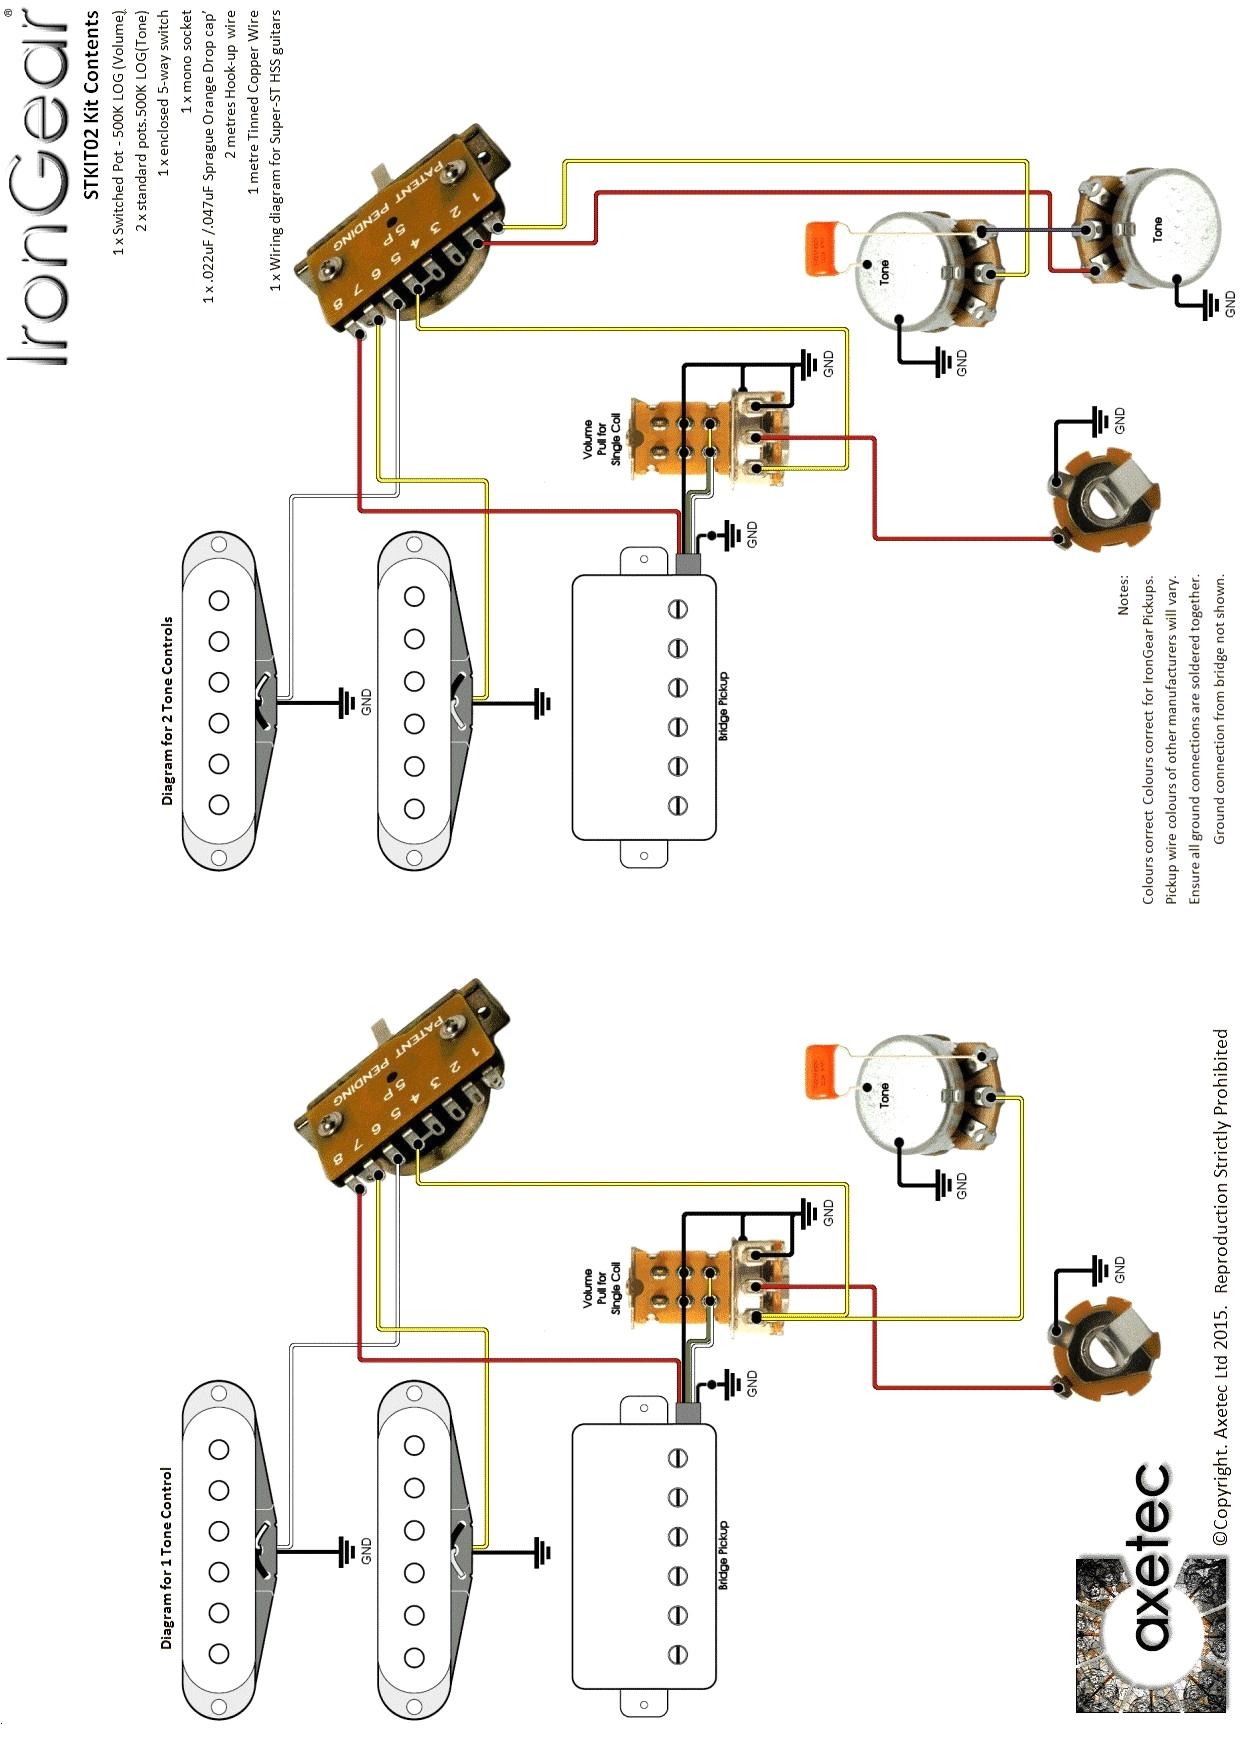 pioneer deh xub wiring diagram best of prs wiring diagram fresh pioneer deh xbt wiring diagram